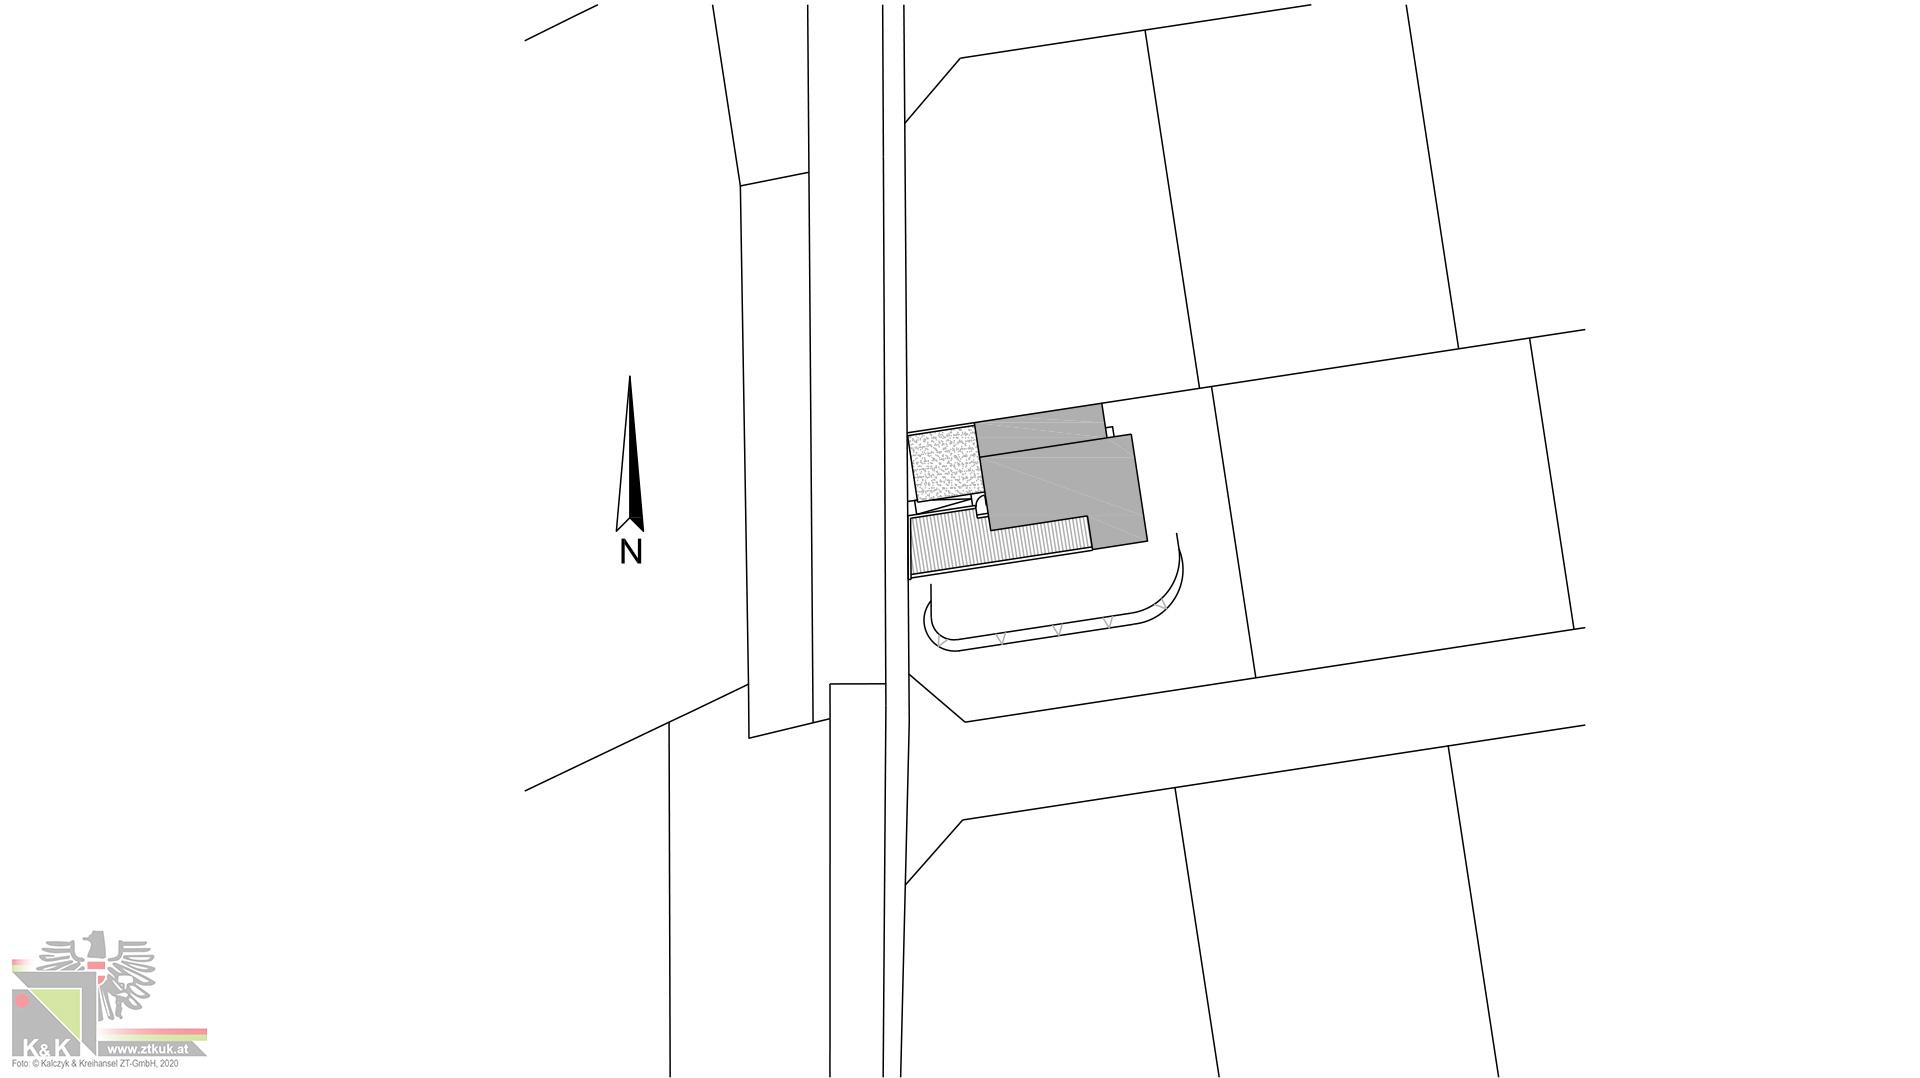 Einfamilienhaus in Holsbauweise - Lageplan